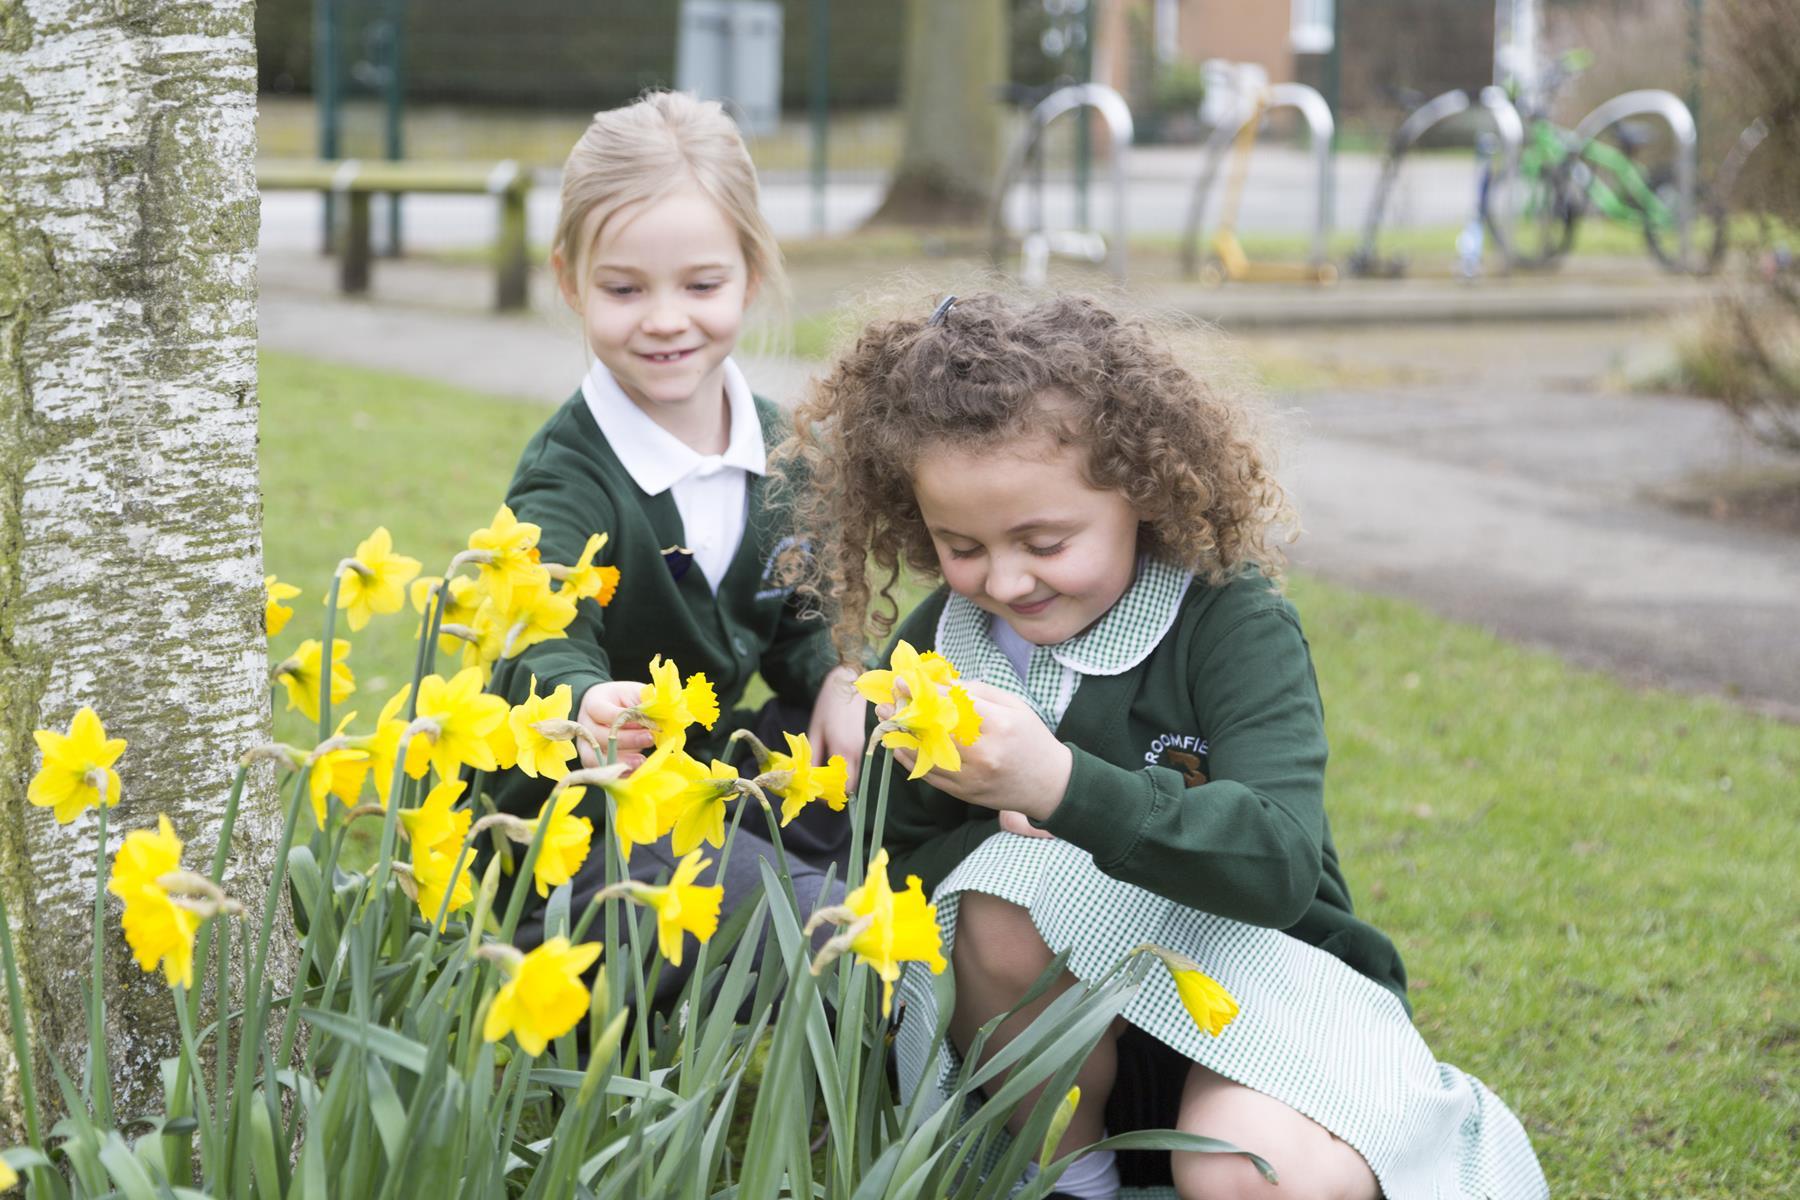 Broomfield School Image 01